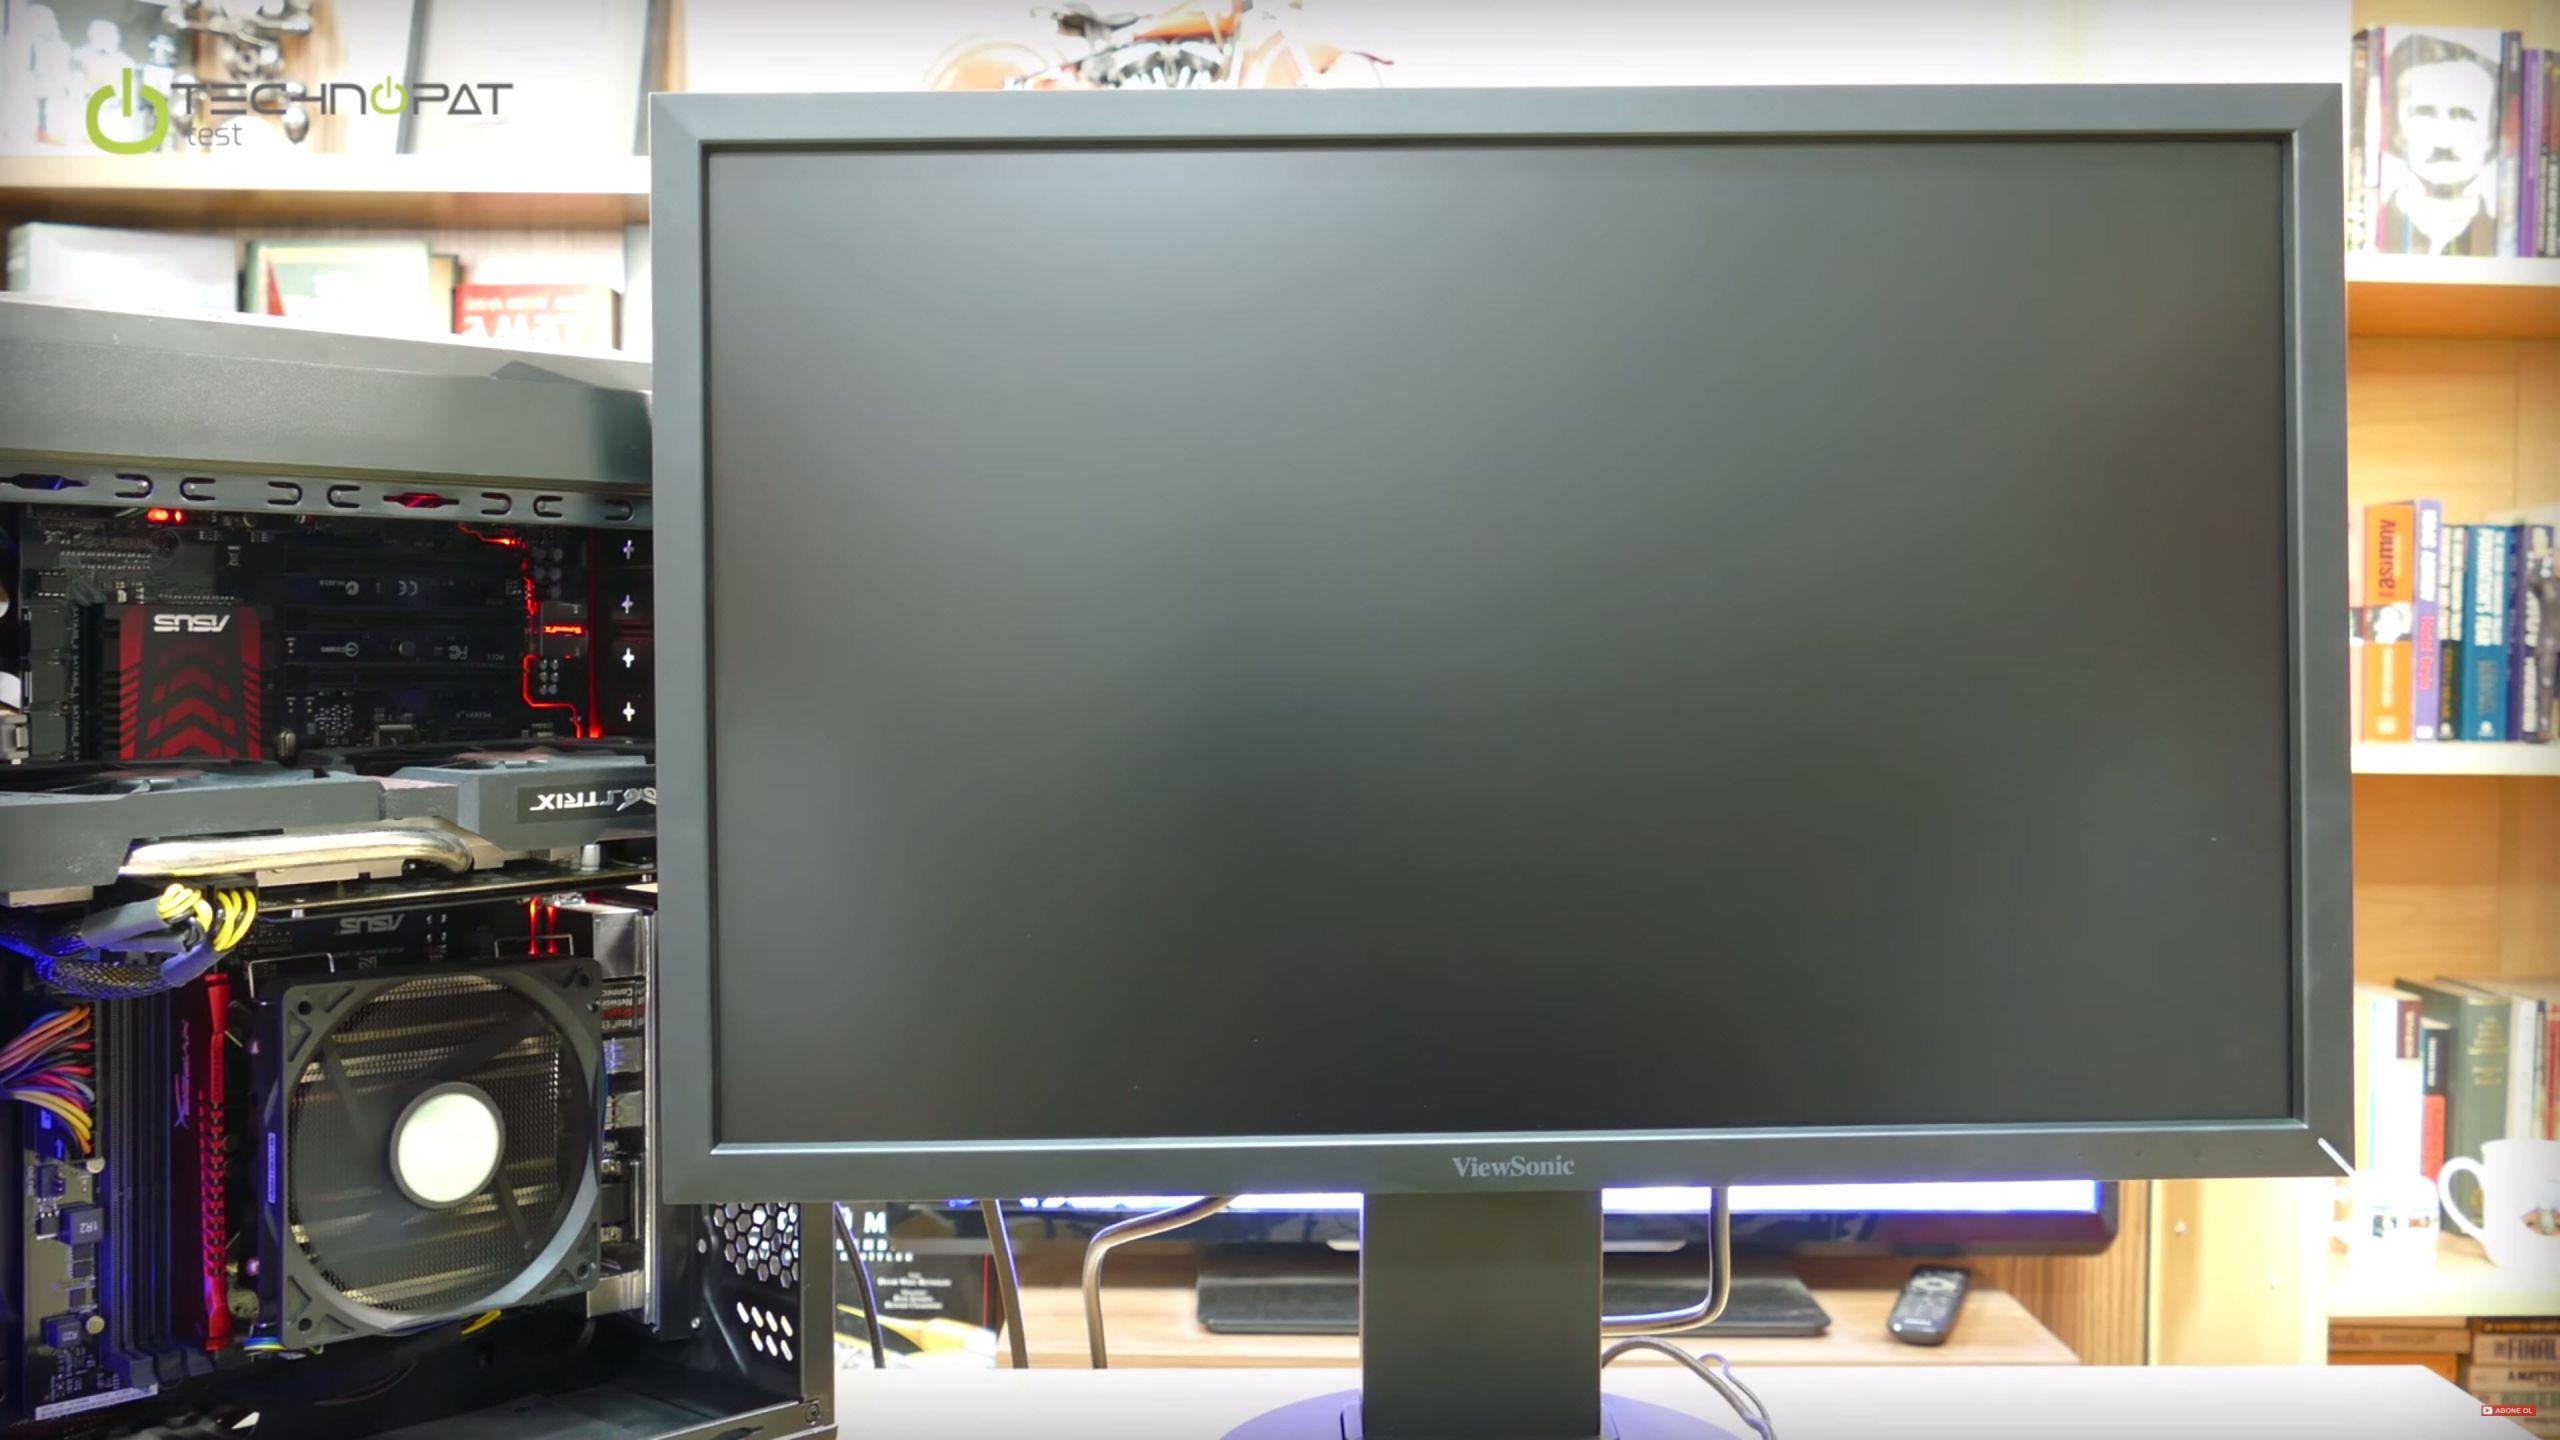 3000 TL Oyun Bilgisayarı Toplama Rehberi #2 - Oyun Testleri